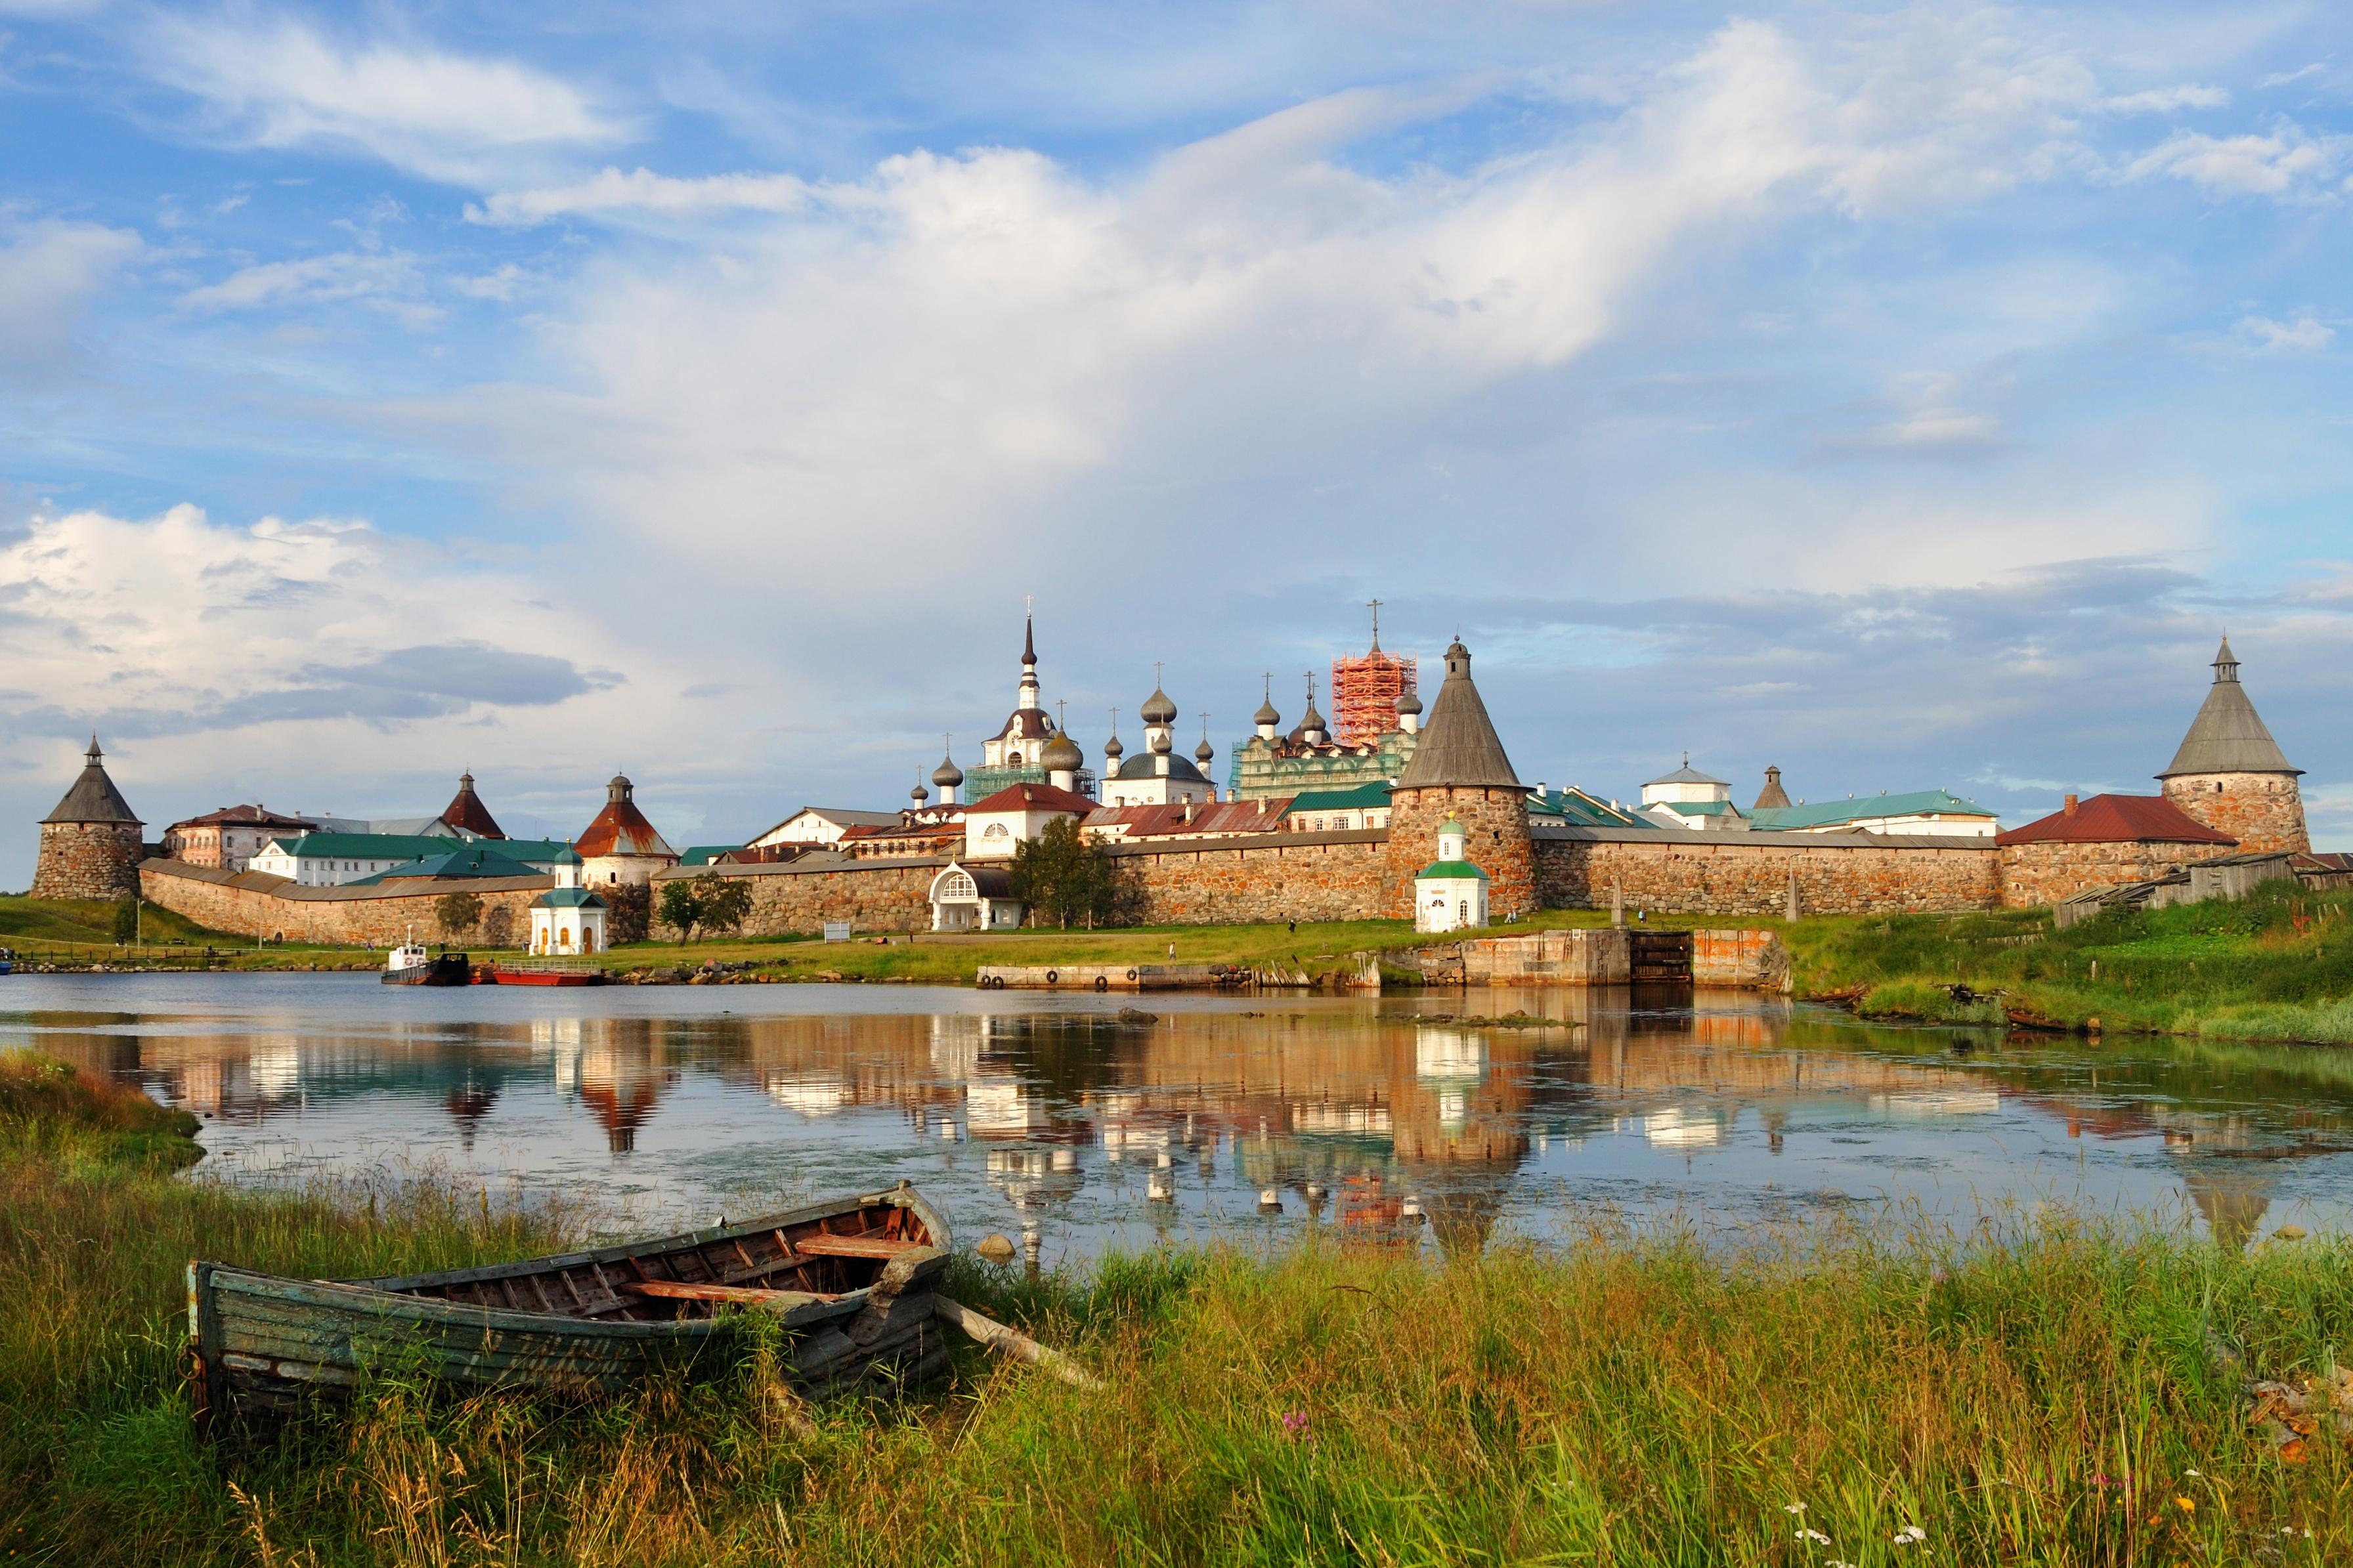 Соловецкий монастырь. Автор - Алексей Задонский